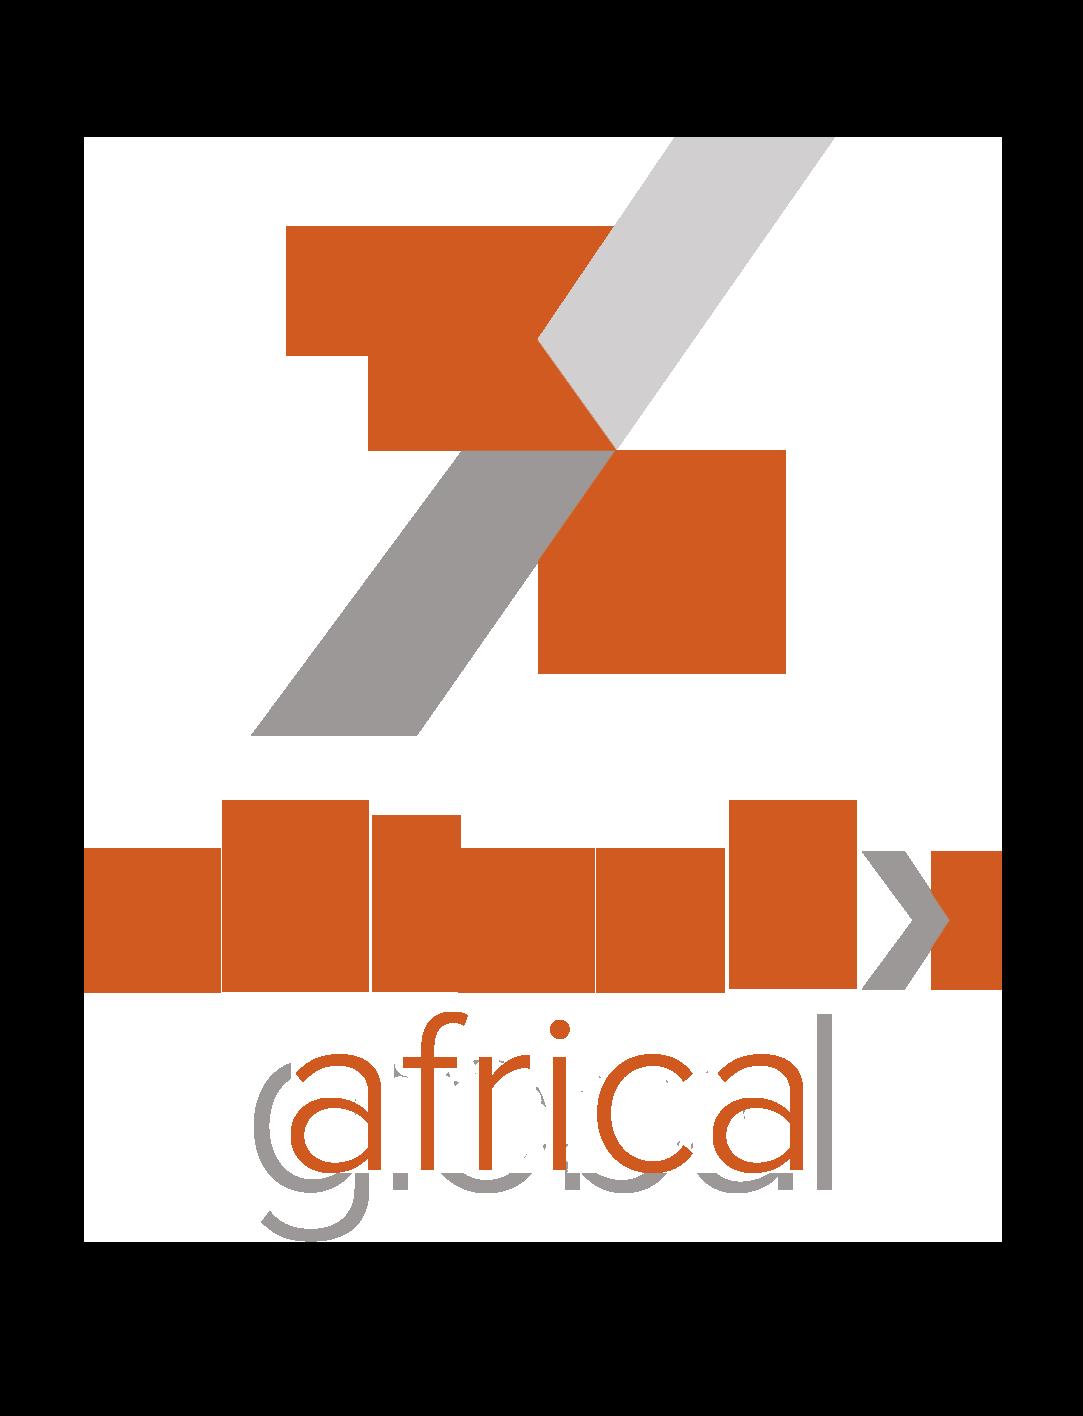 EdTechX_Africa.png